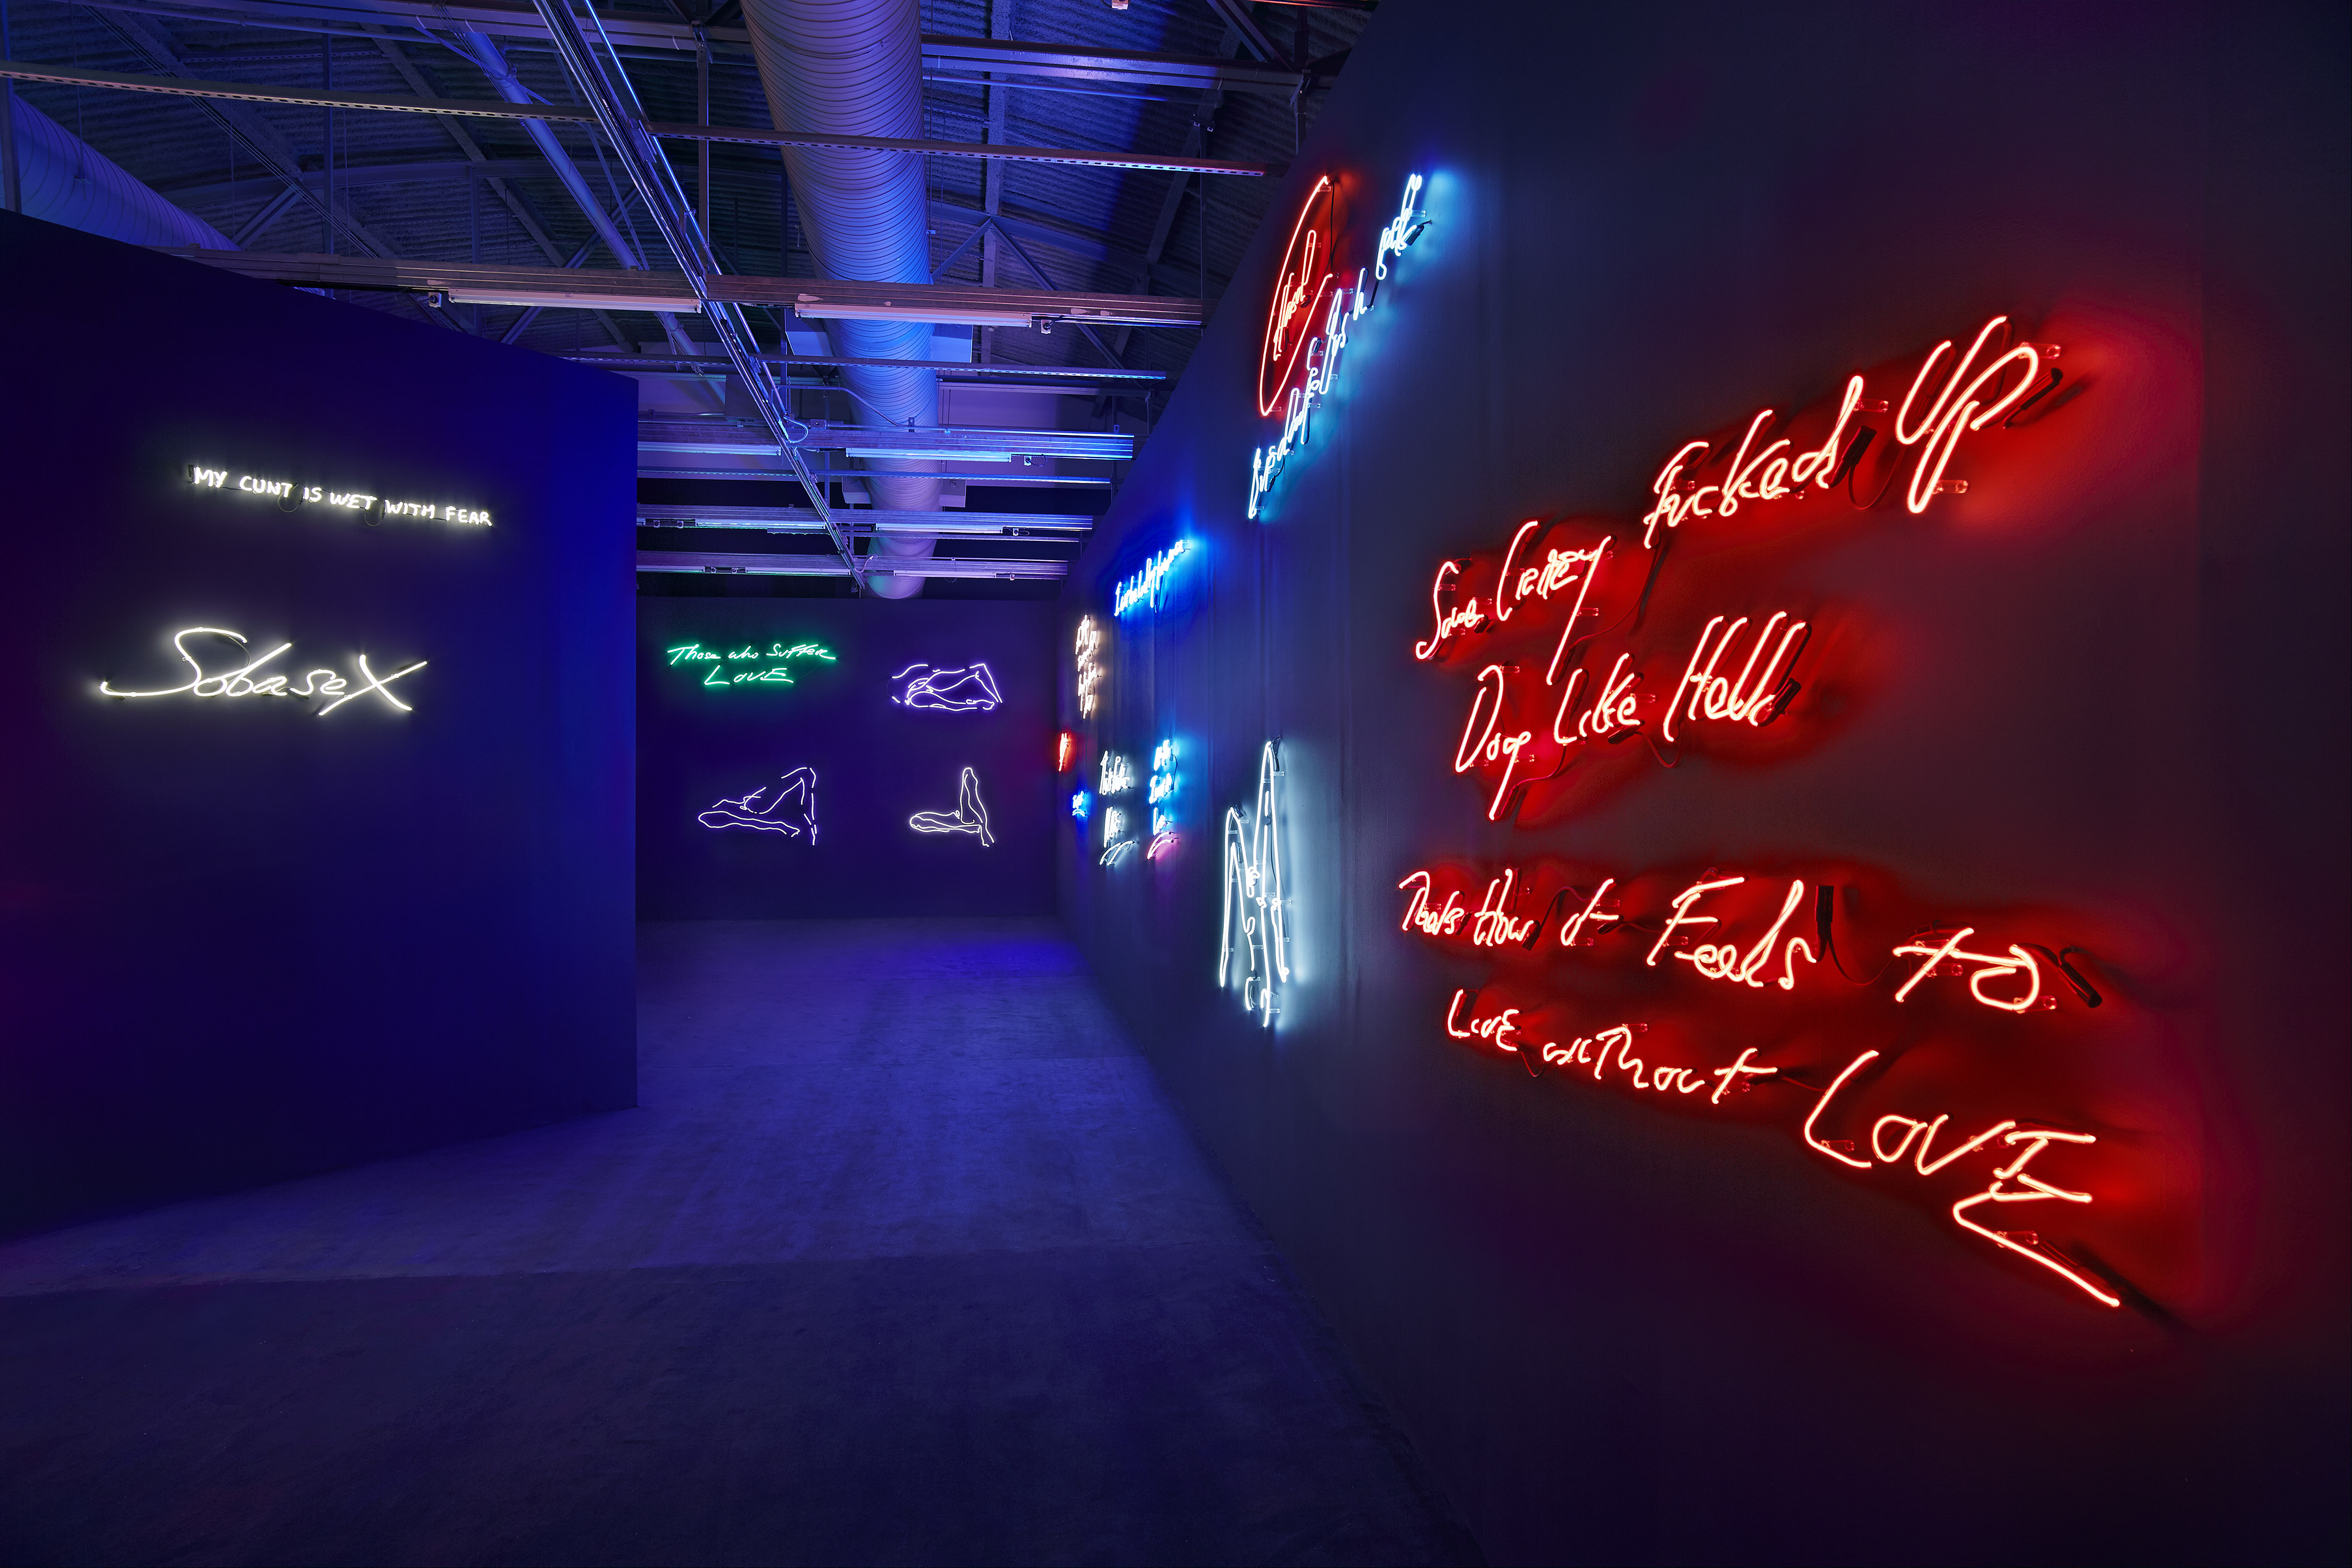 Instalación de neones de la artista Británica Tracey Emin en el MOCA Miami, Diciembre 2013.